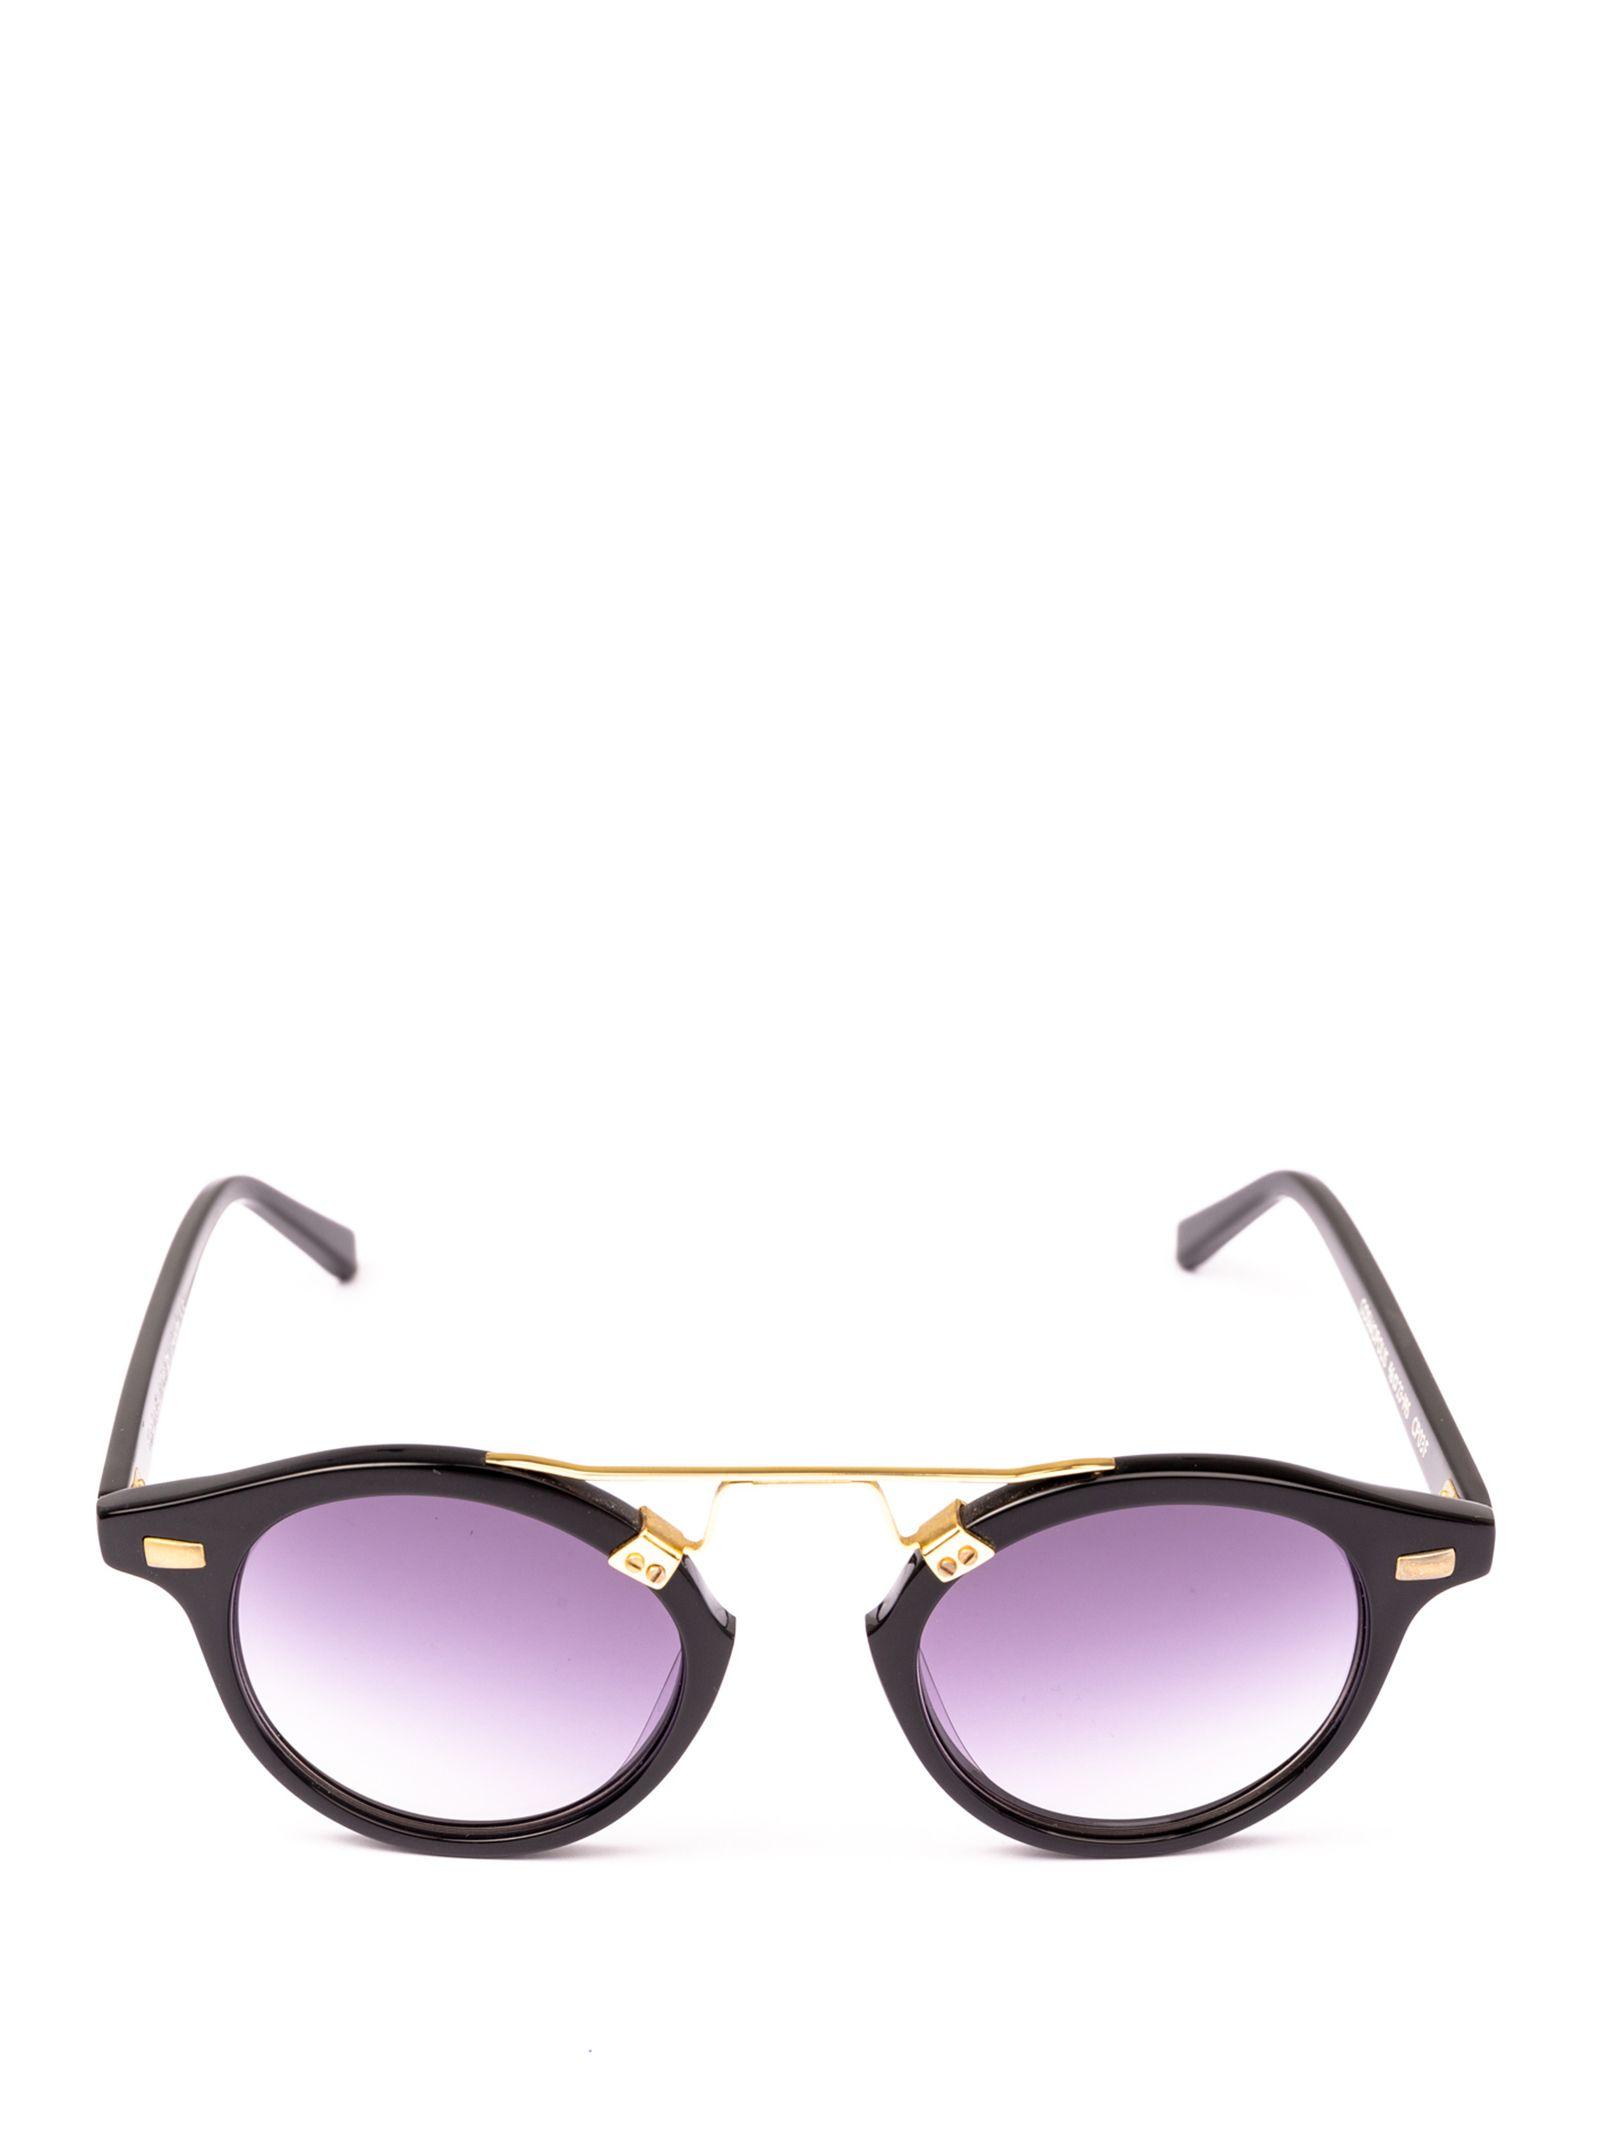 SPEKTRE Sunglasses in Cp03F